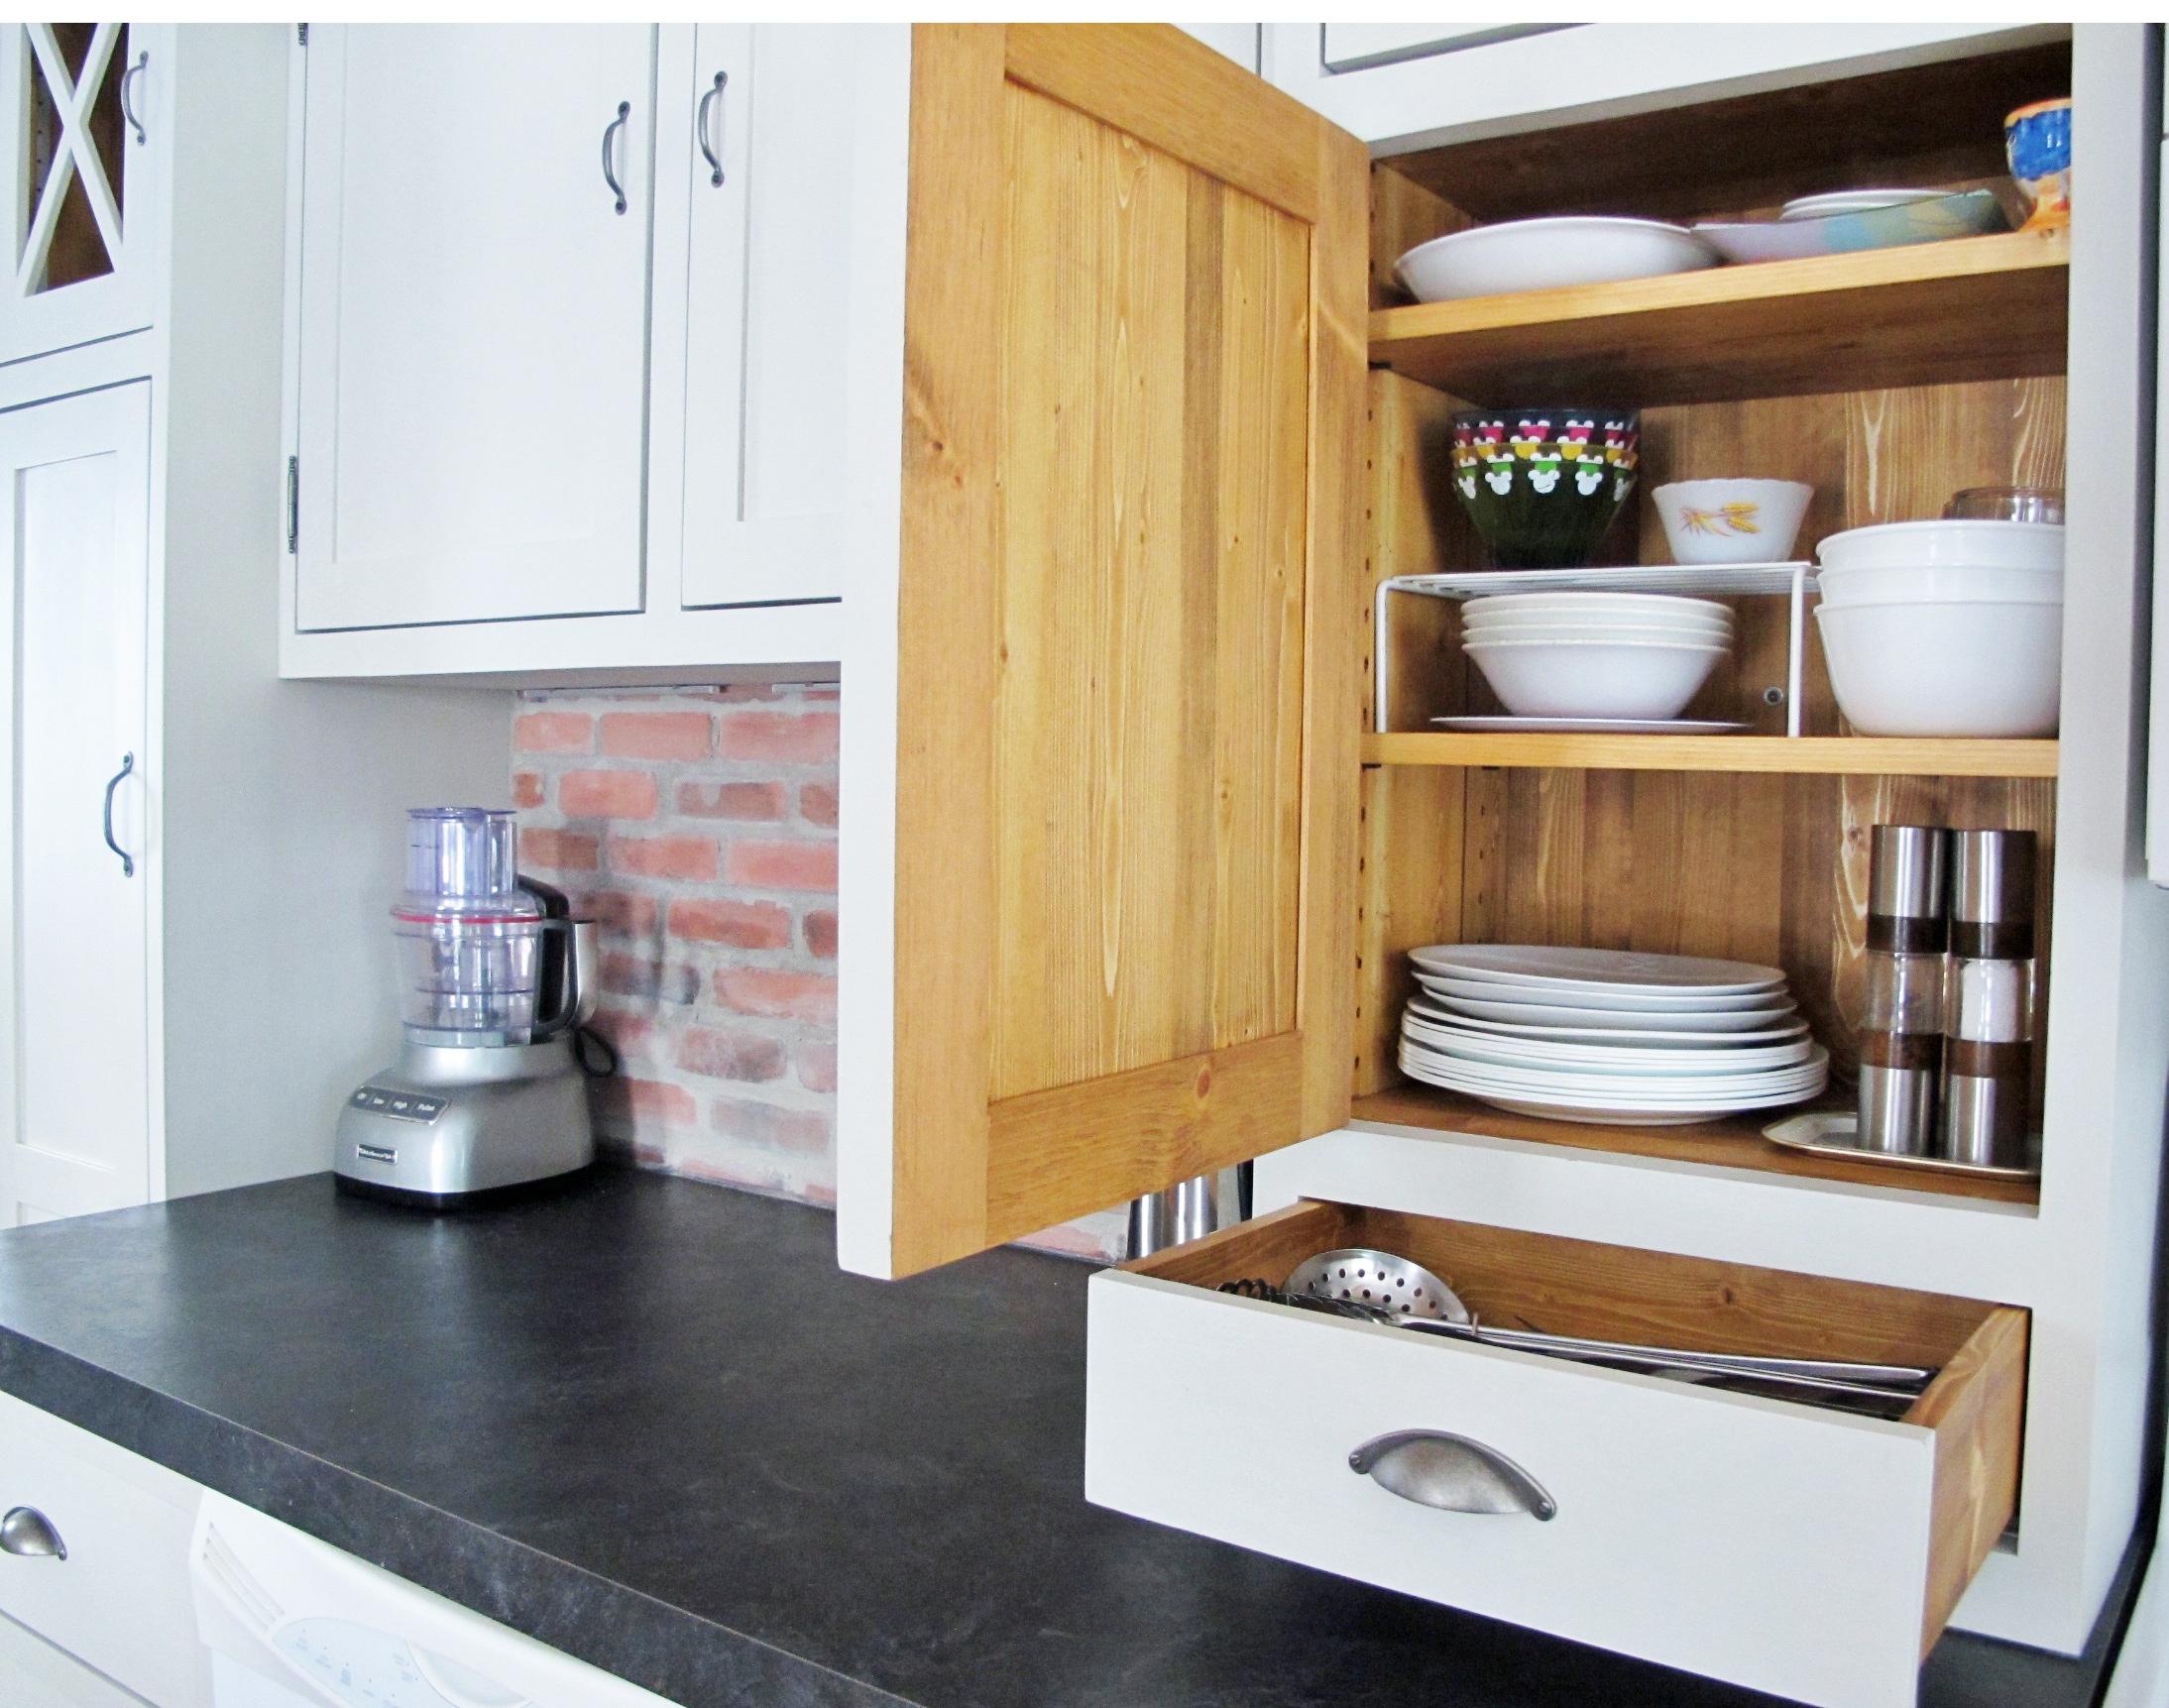 Restauration r paration de meubles et d 39 armoires de - Reparation armoire de cuisine ...